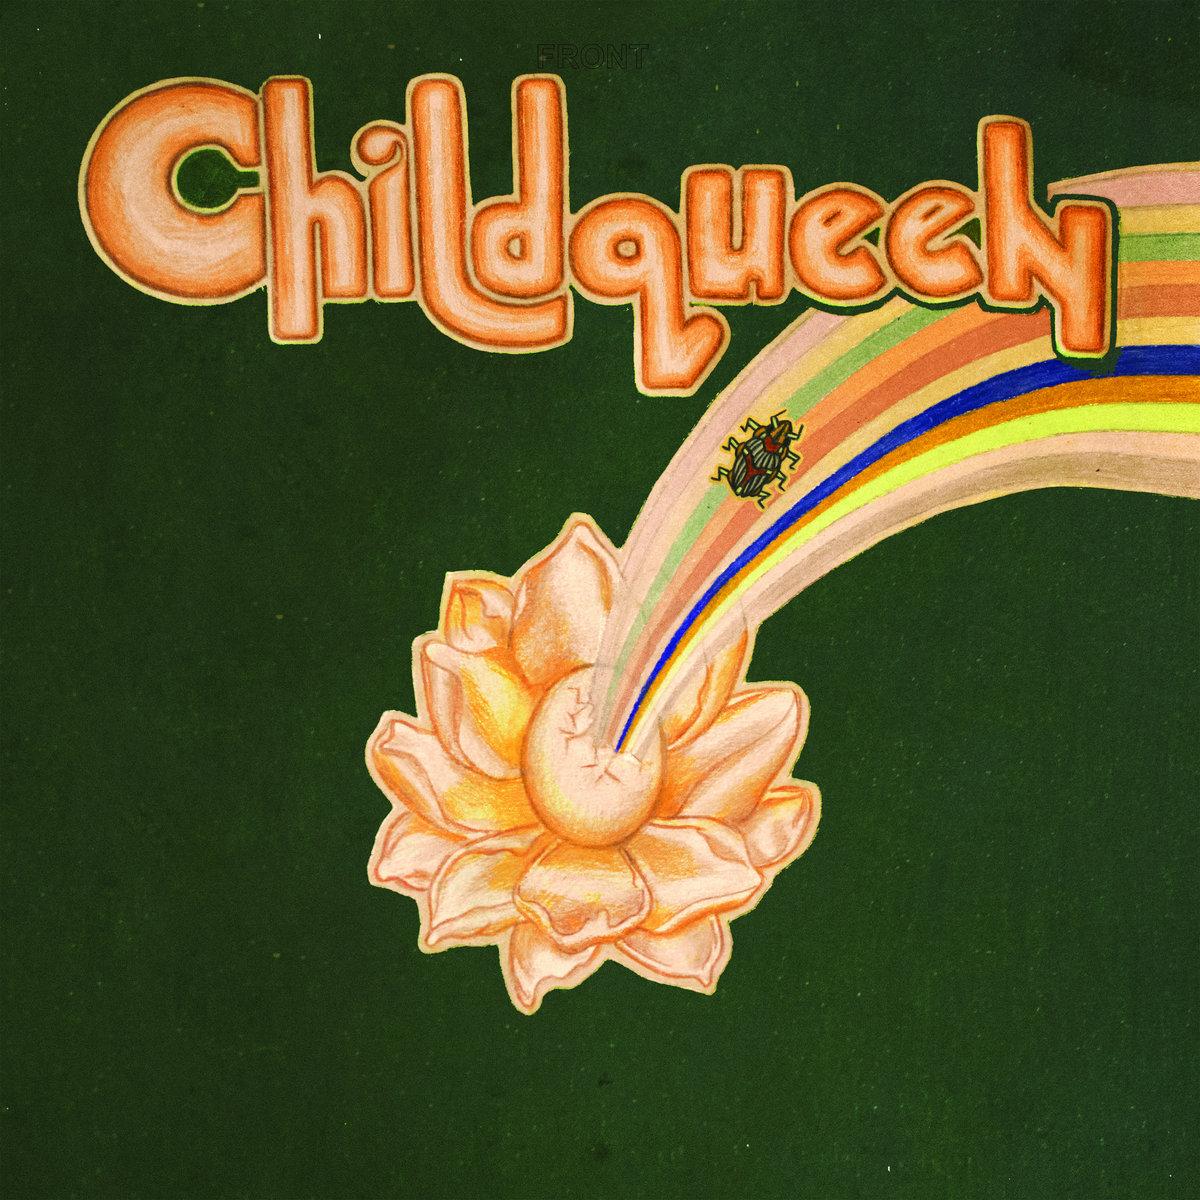 Childqueen Marmoset Music Licensing.jpg